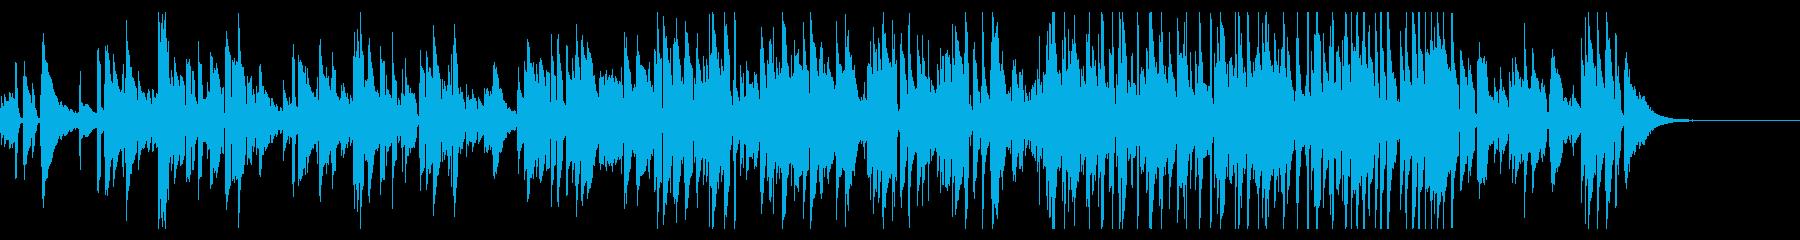 アコースティックギターが響くバラードの再生済みの波形